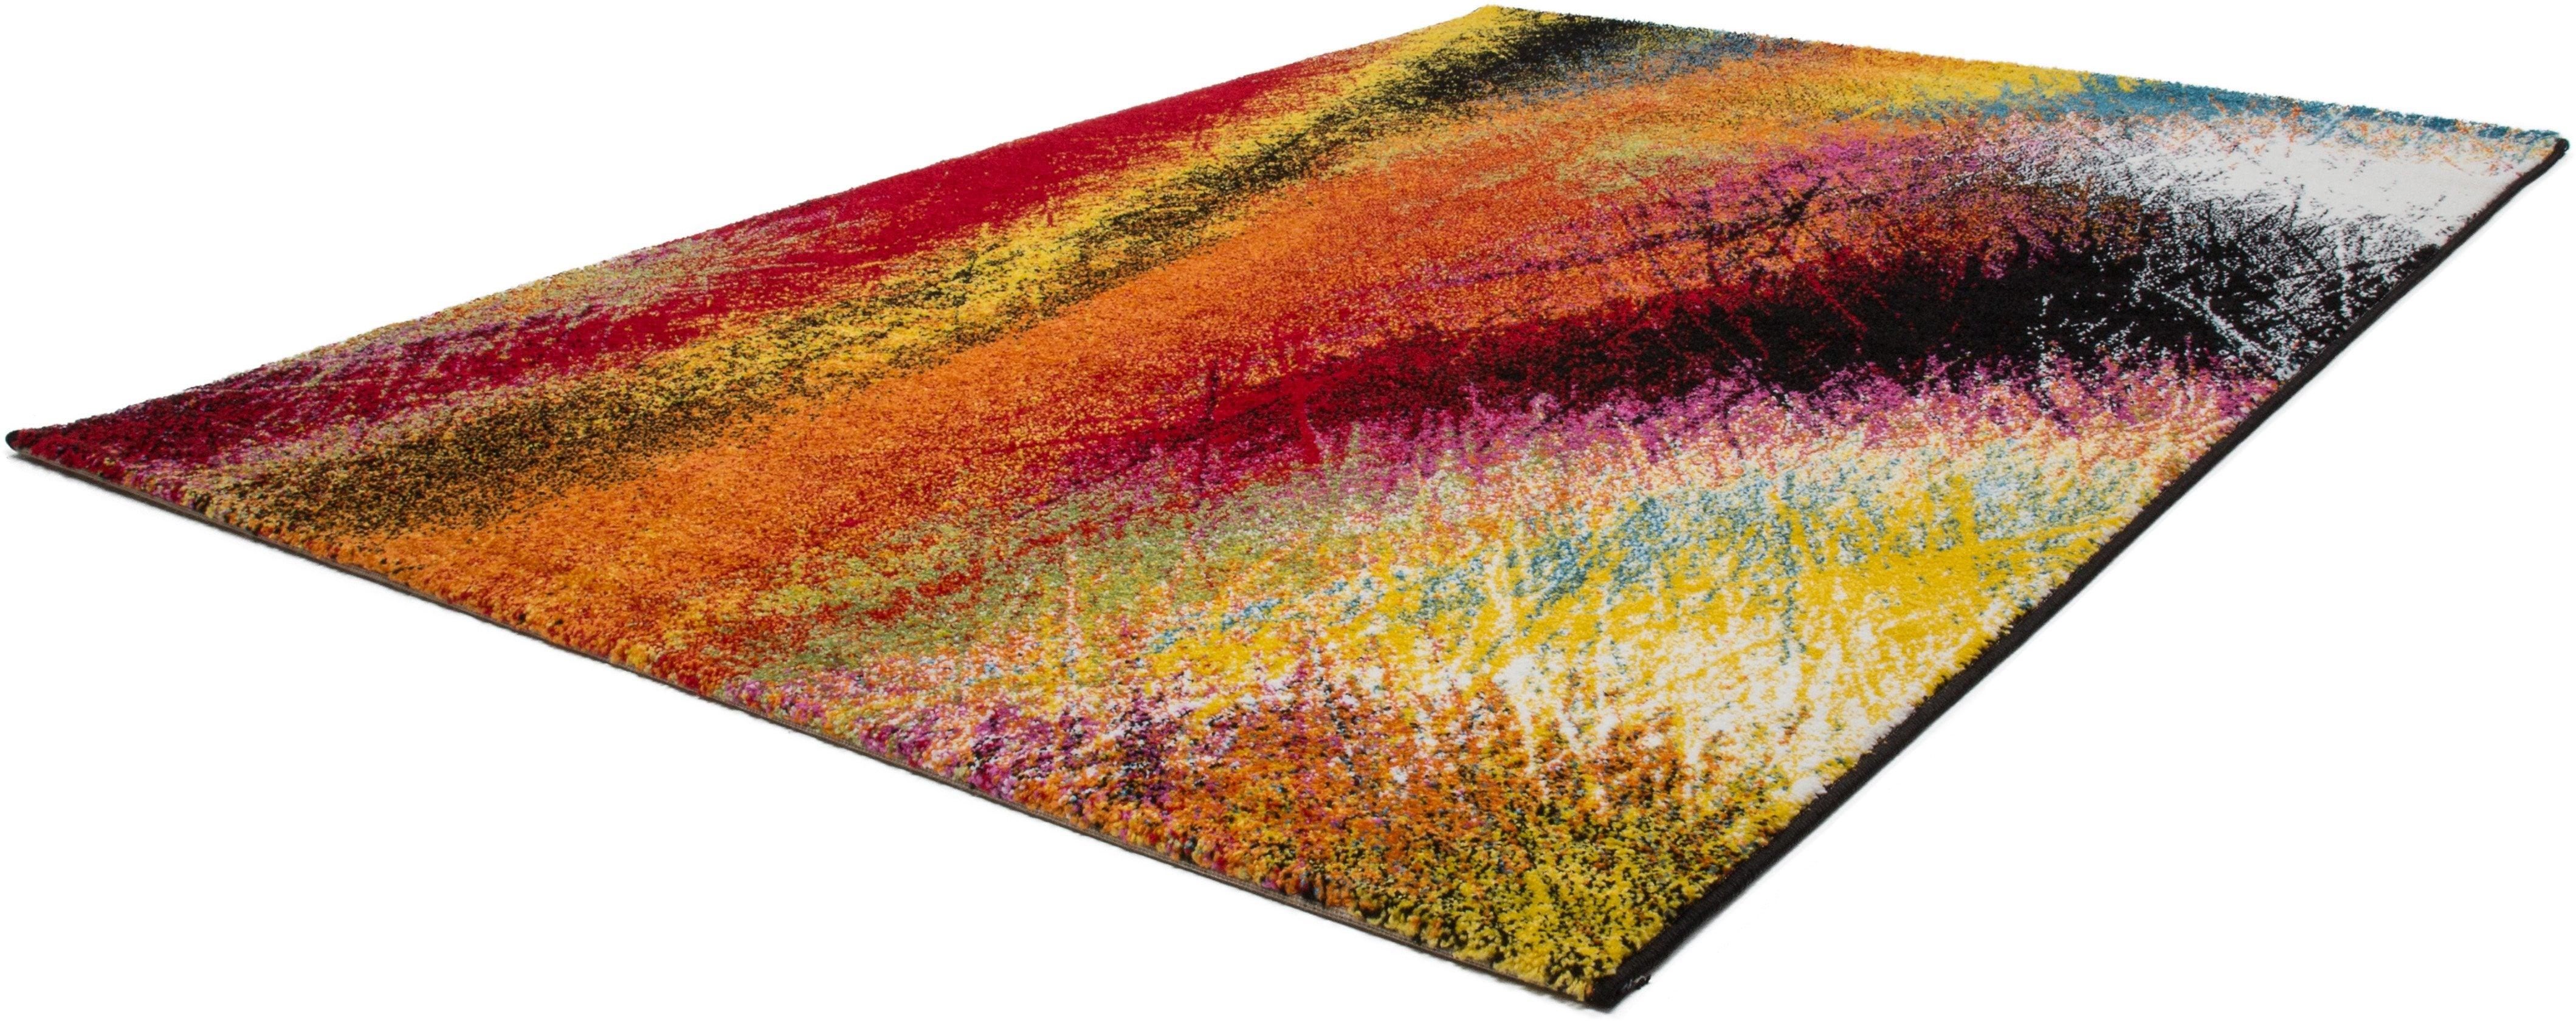 Teppich Lima 300 LALEE rechteckig Höhe 15 mm maschinell gewebt